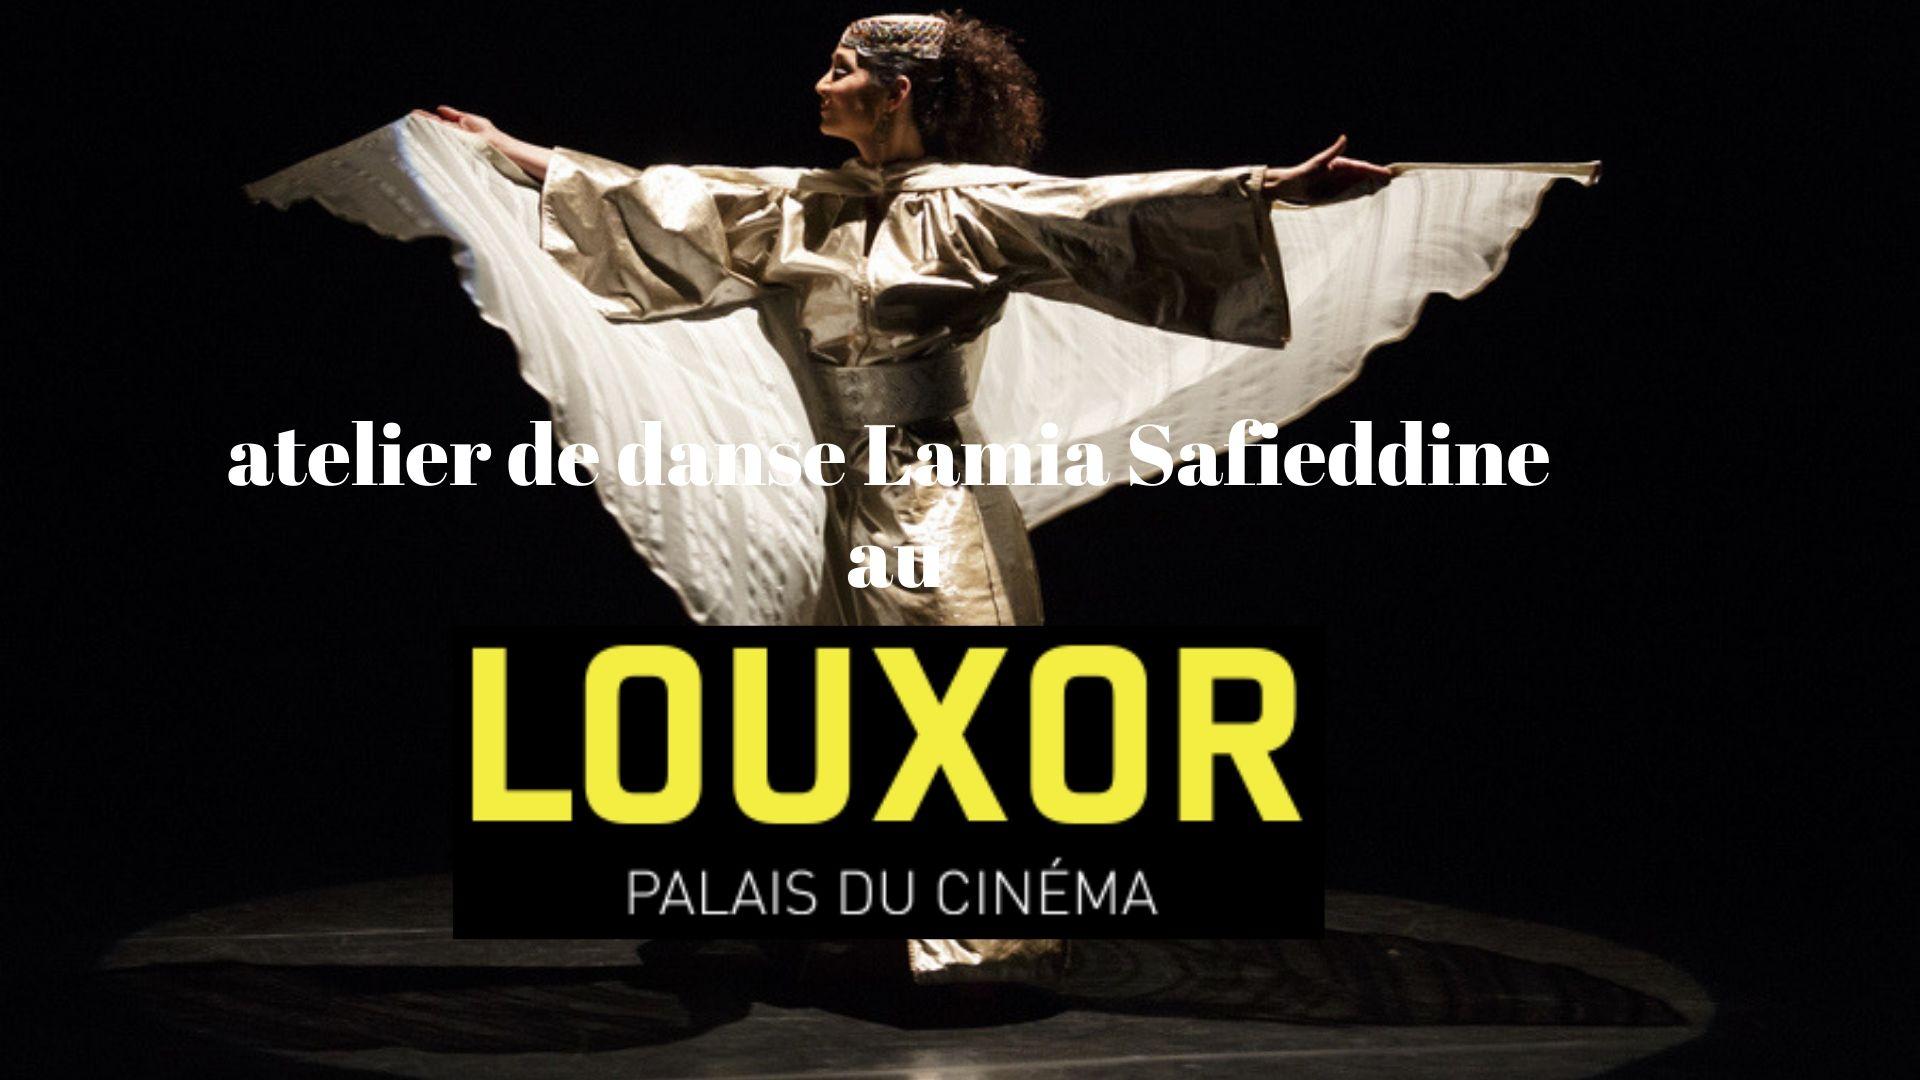 atelier de danse arabe contemporaine par Lamia Safieddine au cinéma Louxor